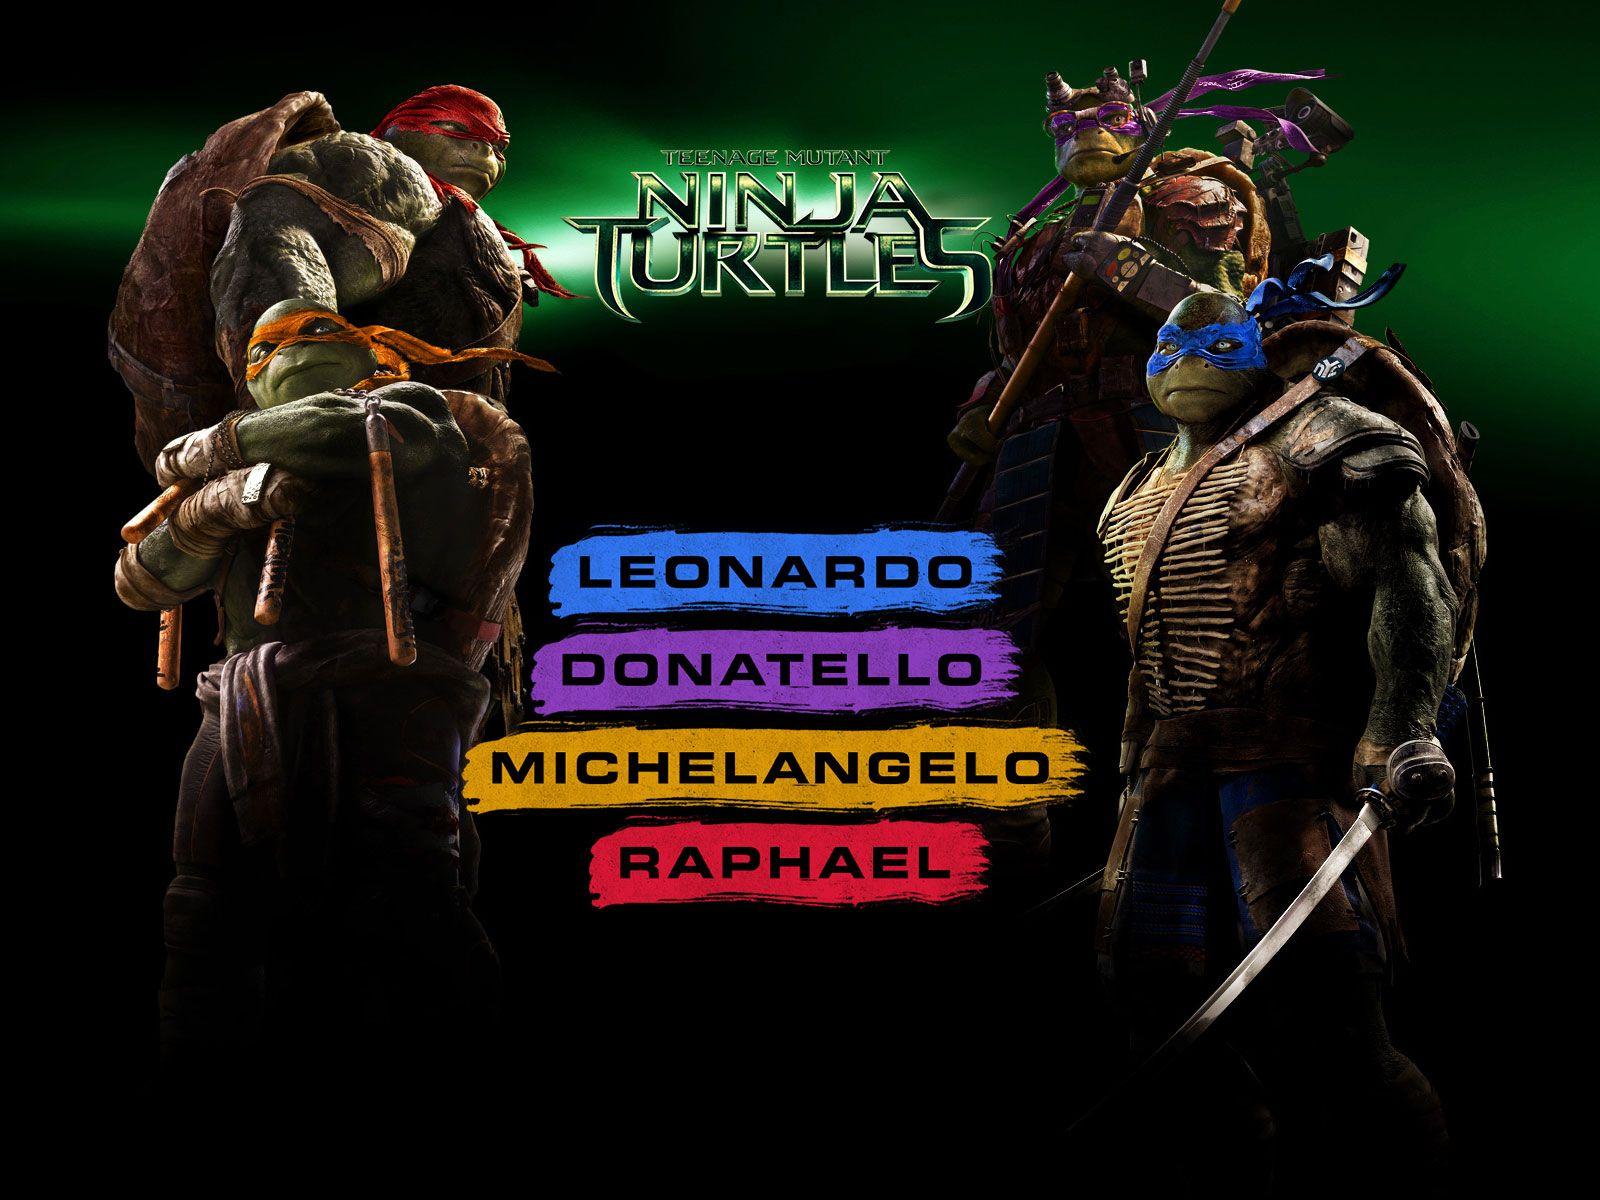 Nickelodeon TMNT Wallpaper By ShadowNinja On DeviantArt Teenage Mutant Ninja Turtles Wallpapers